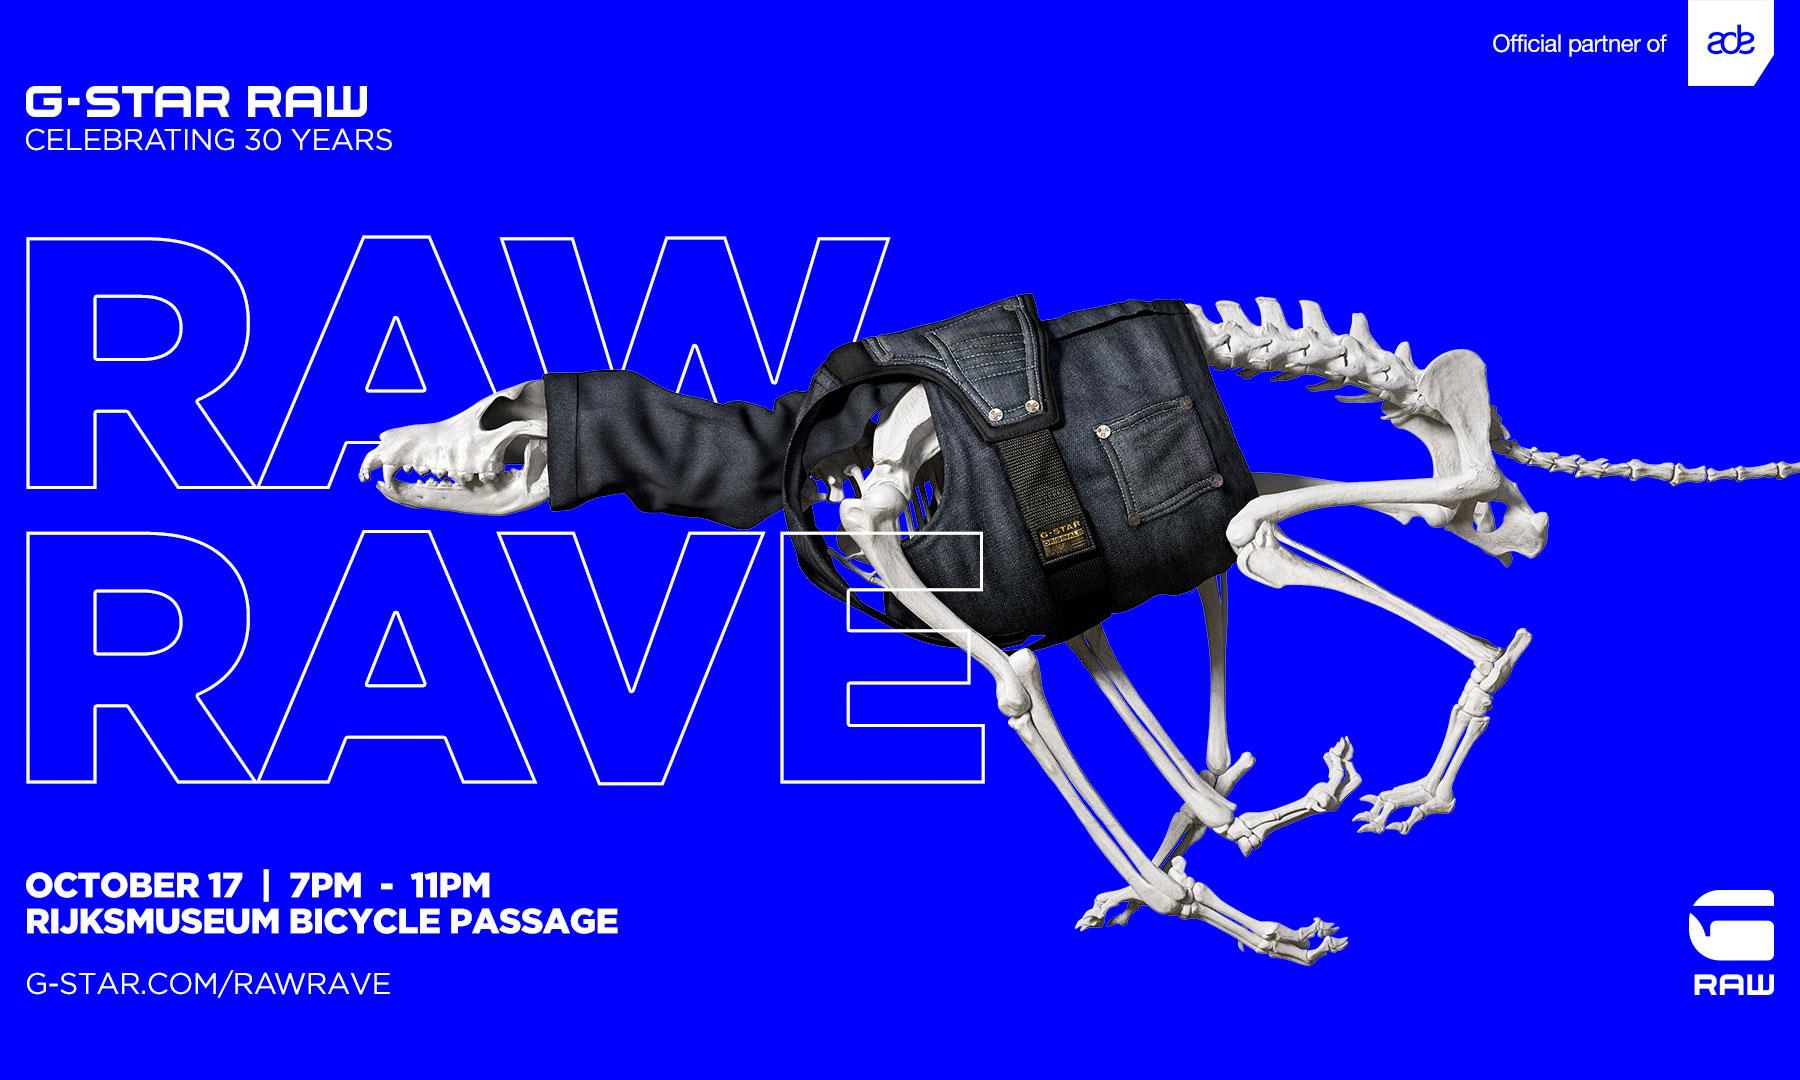 庆祝 30 周年,G-STAR RAW 举办 RAW RAVE 音乐盛宴